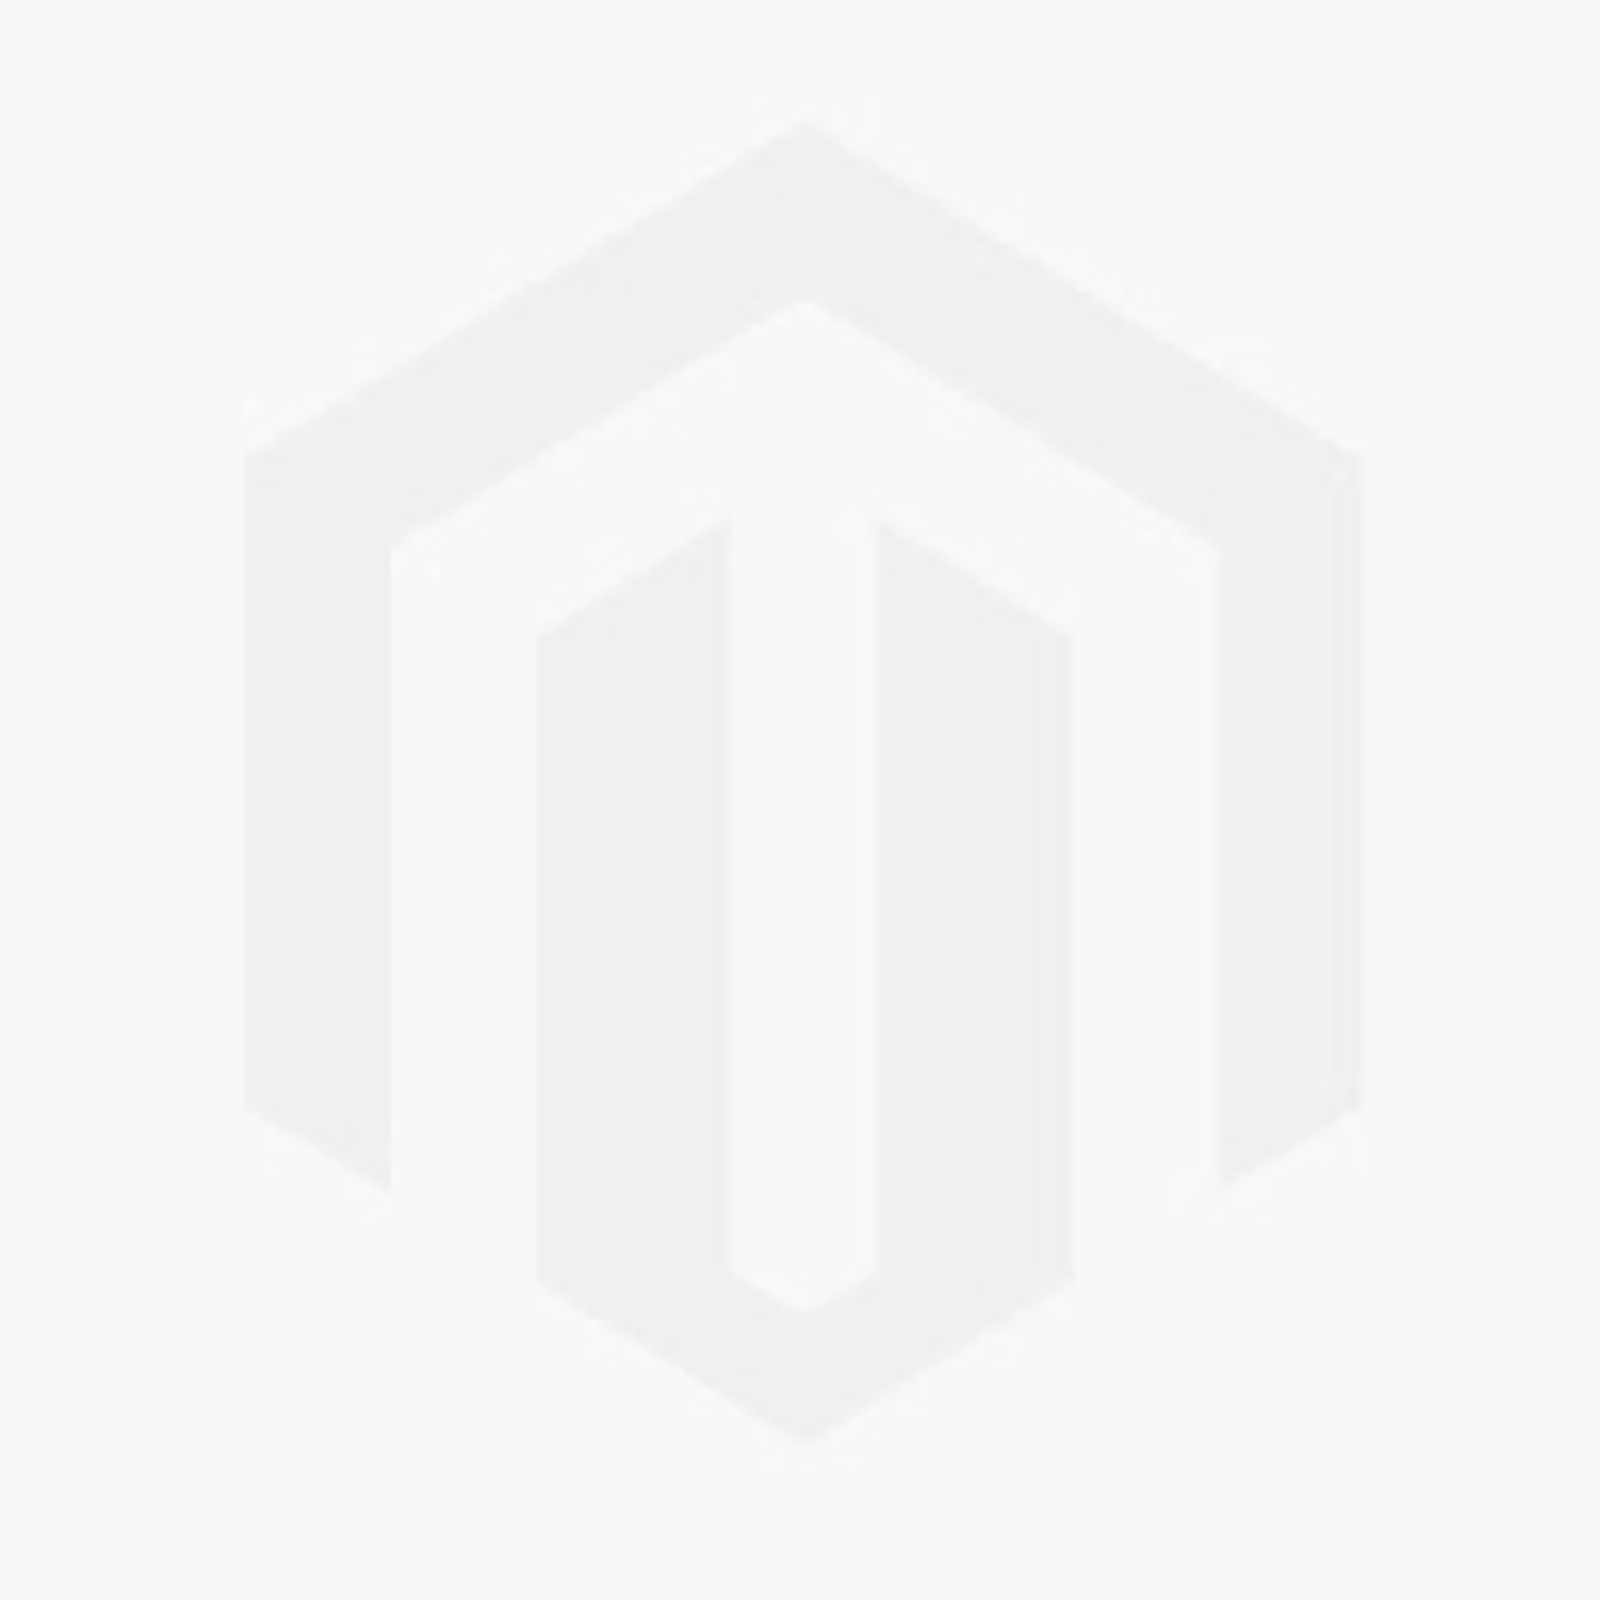 """Gerflor Creation 55 """"0860 Norvegian stone"""" - Dalle PVC à coller"""